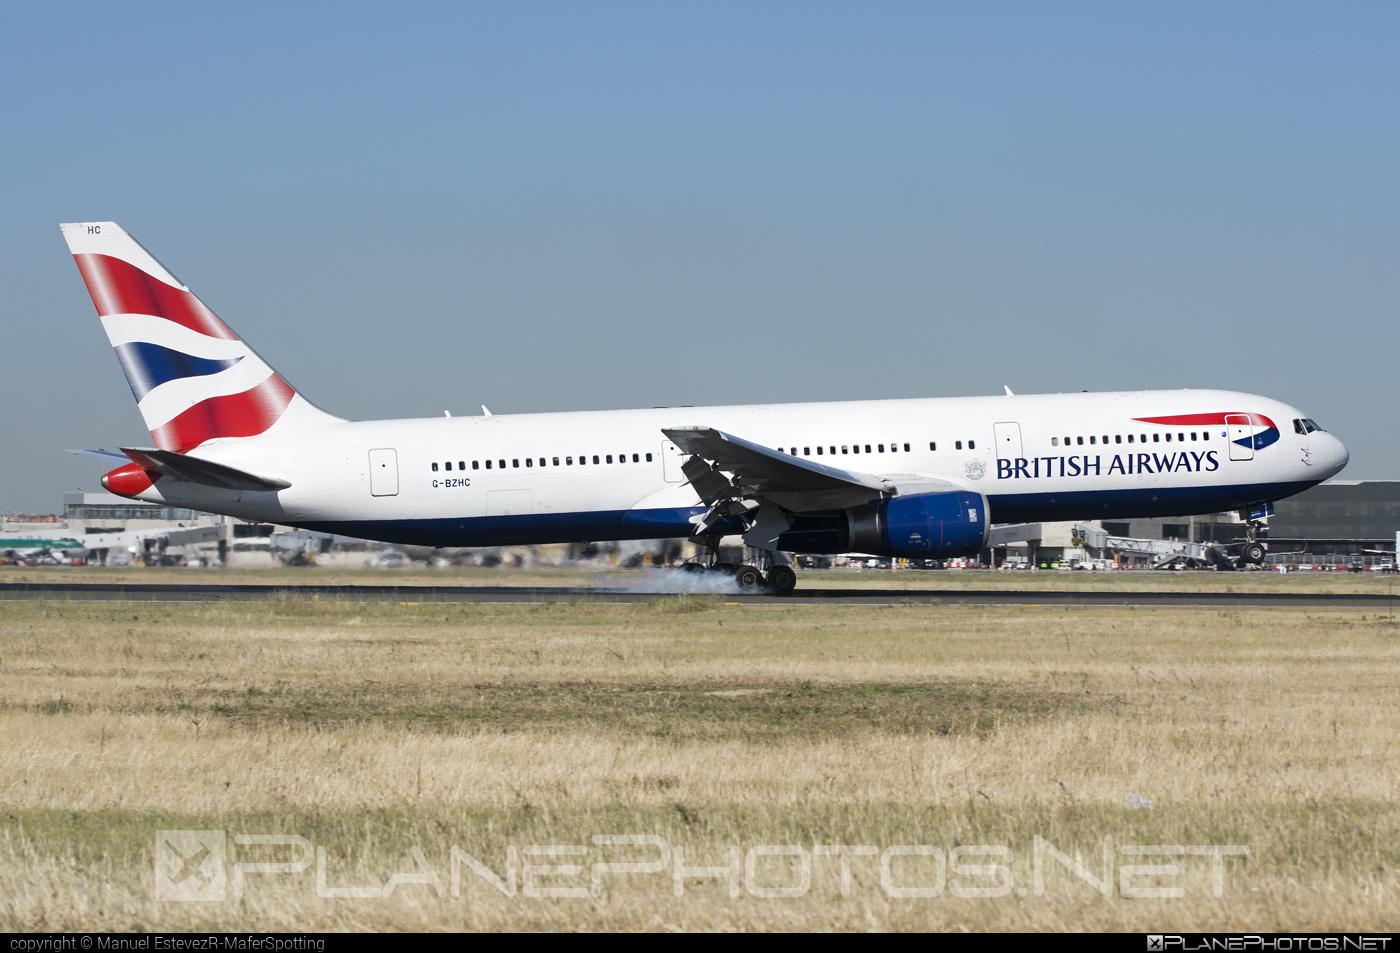 Boeing 767-300ER - G-BZHC operated by British Airways #b767 #b767er #boeing #boeing767 #britishairways